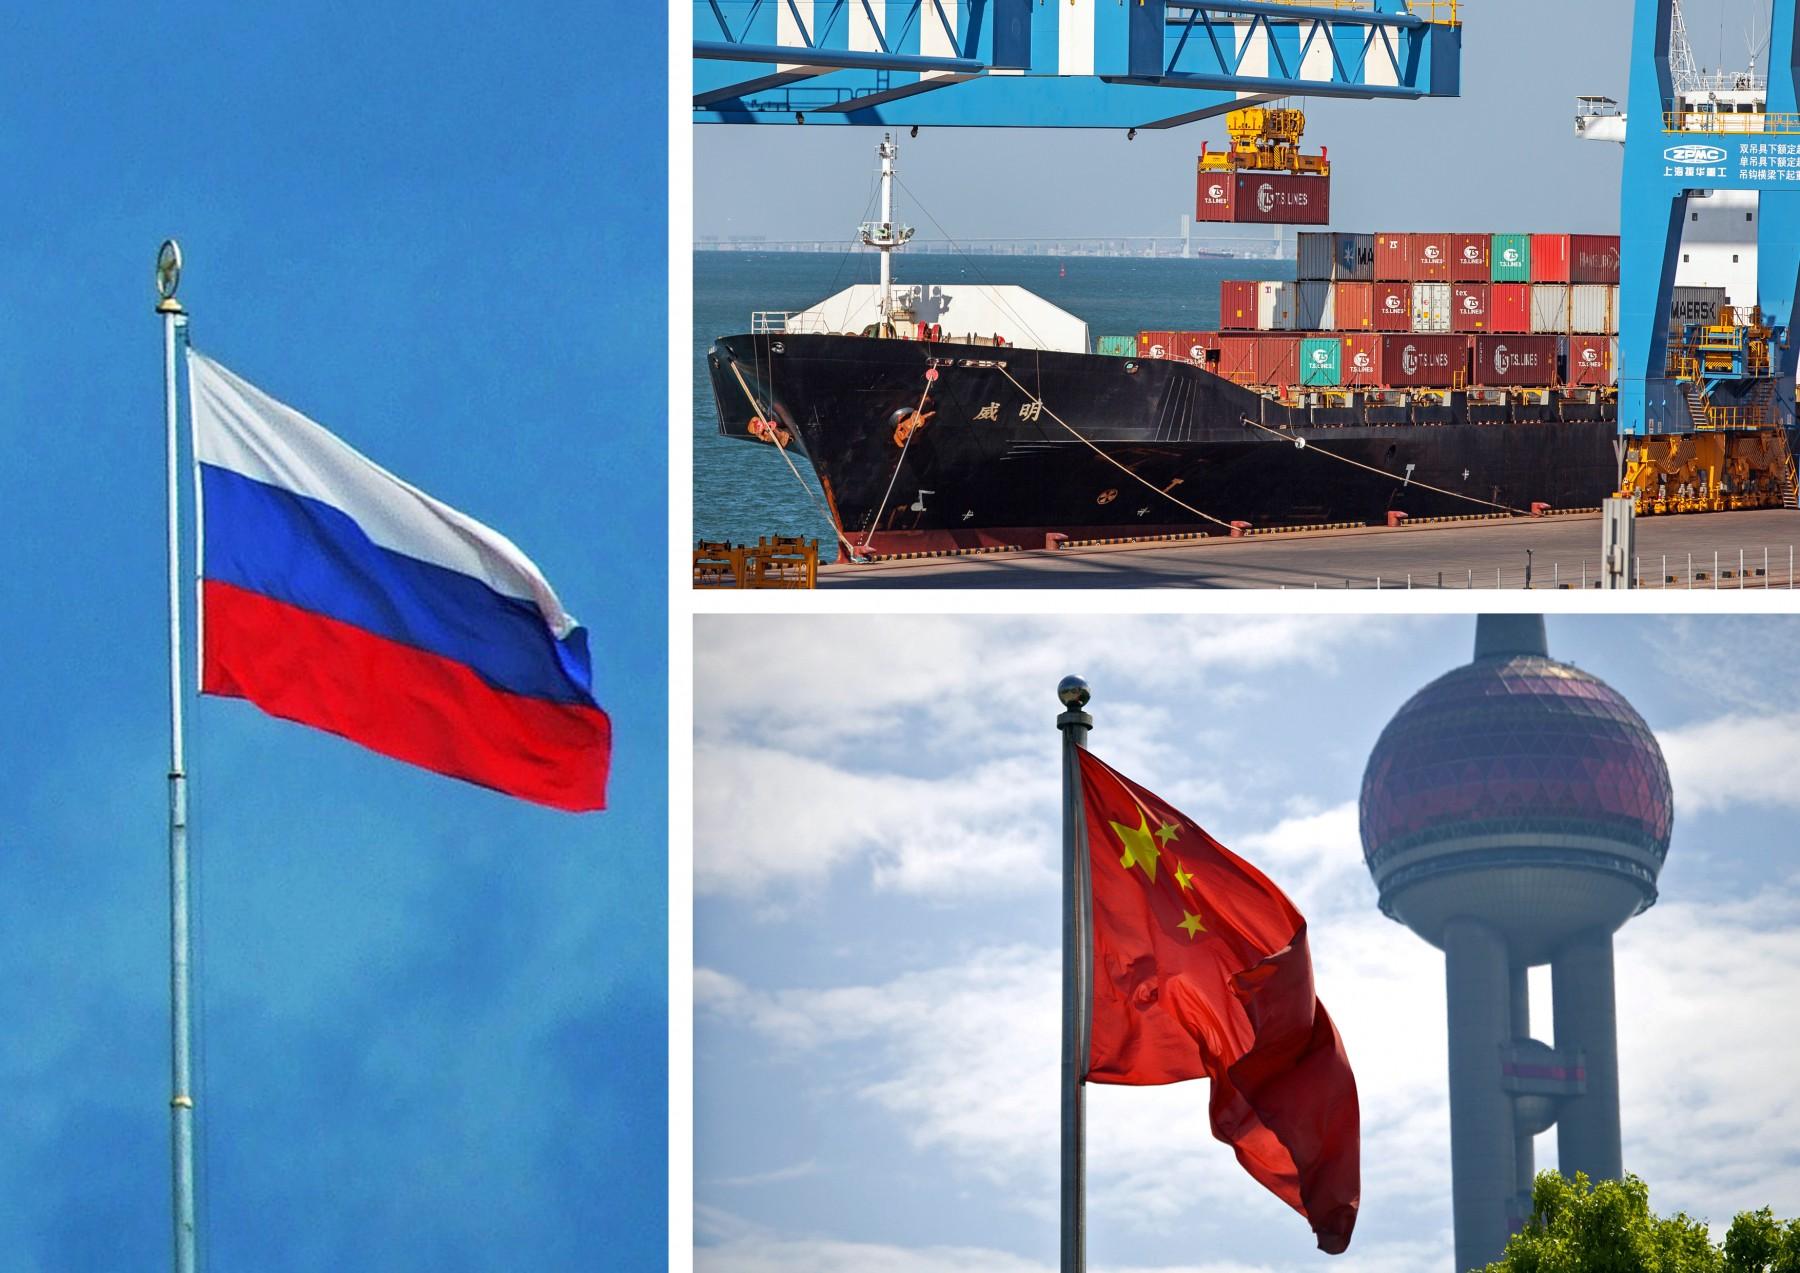 Κίνα- Ρωσία: όσα πρέπει να γνωρίζουμε για την εμπορική τους συμμαχία